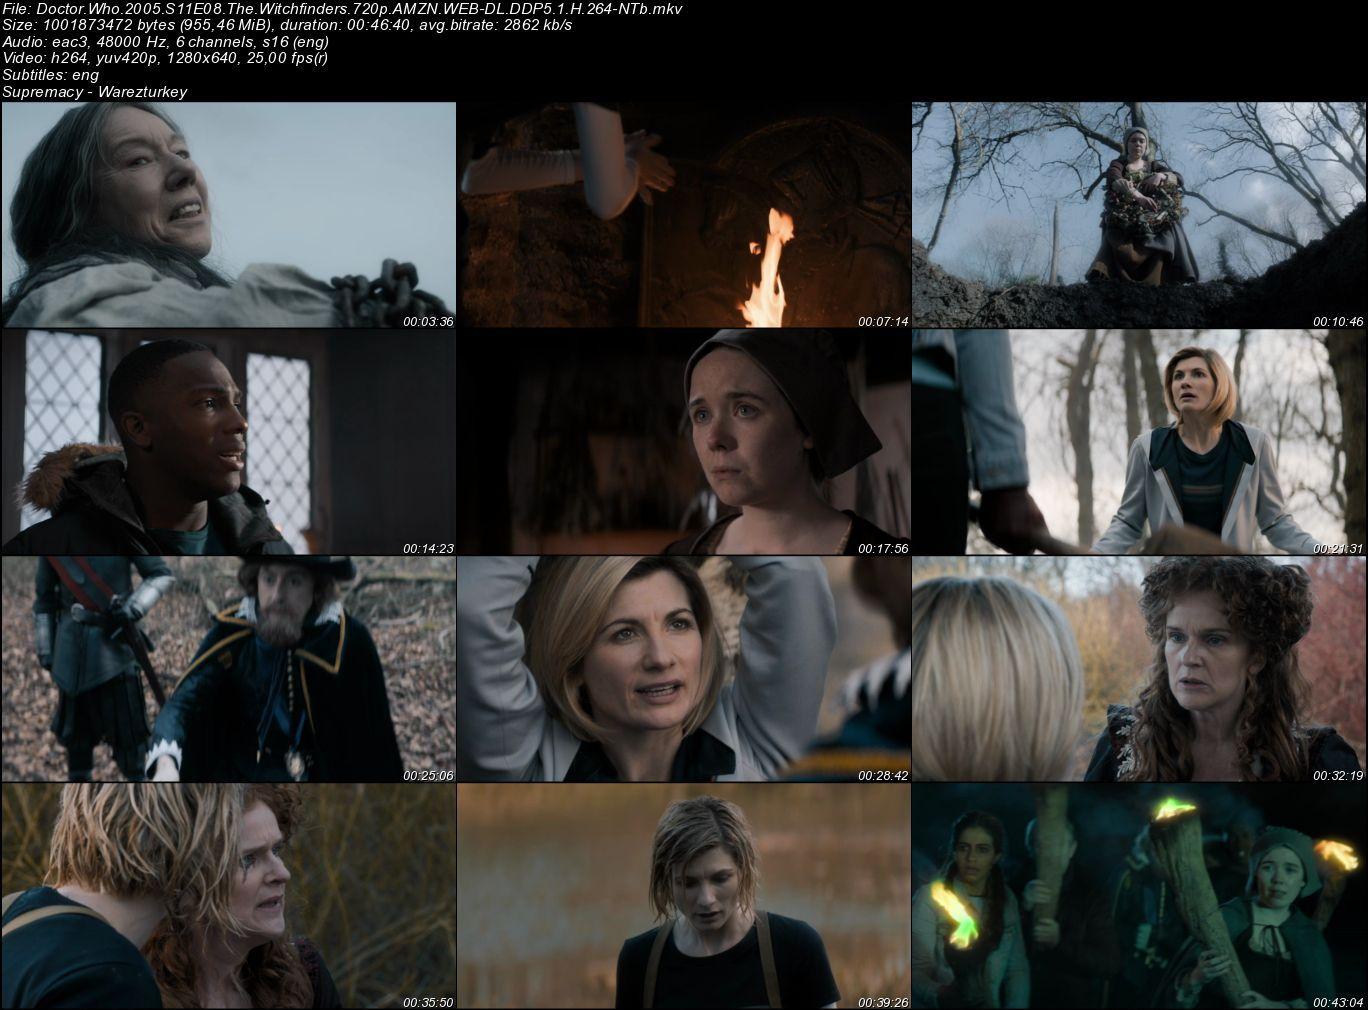 Doctor Who - Sezon 11-12 - 720p HDTV - Türkçe Altyazılı